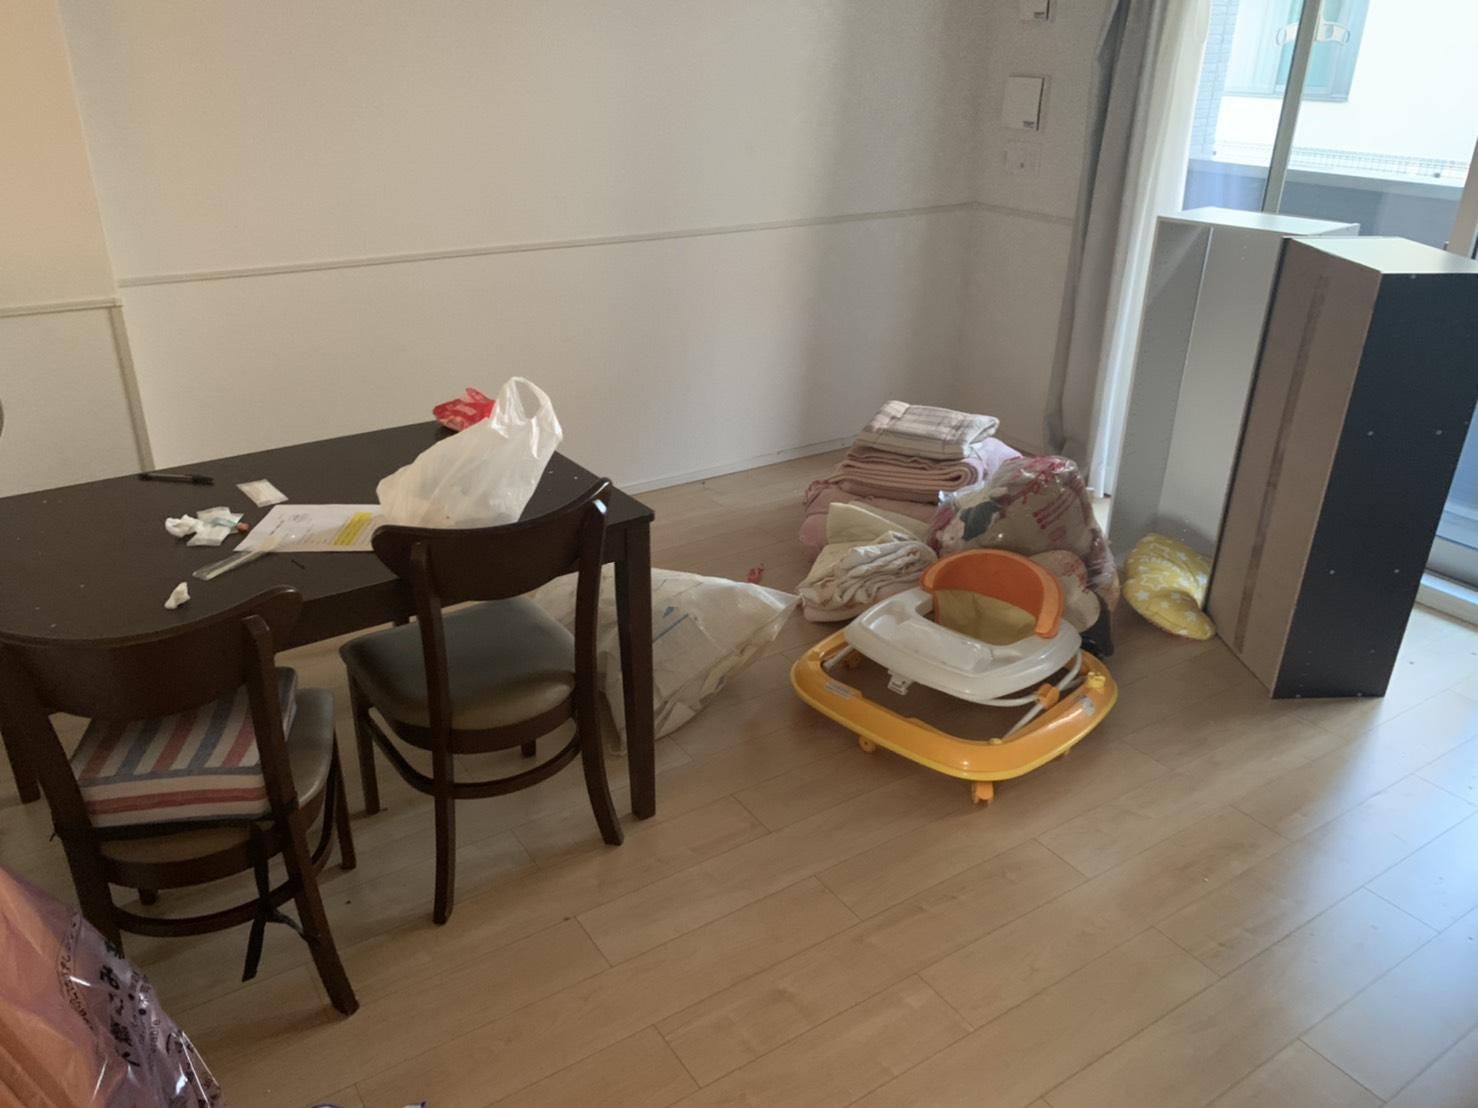 ダイニングテーブル、椅子、ベビー用品、衣類、シーツの回収前